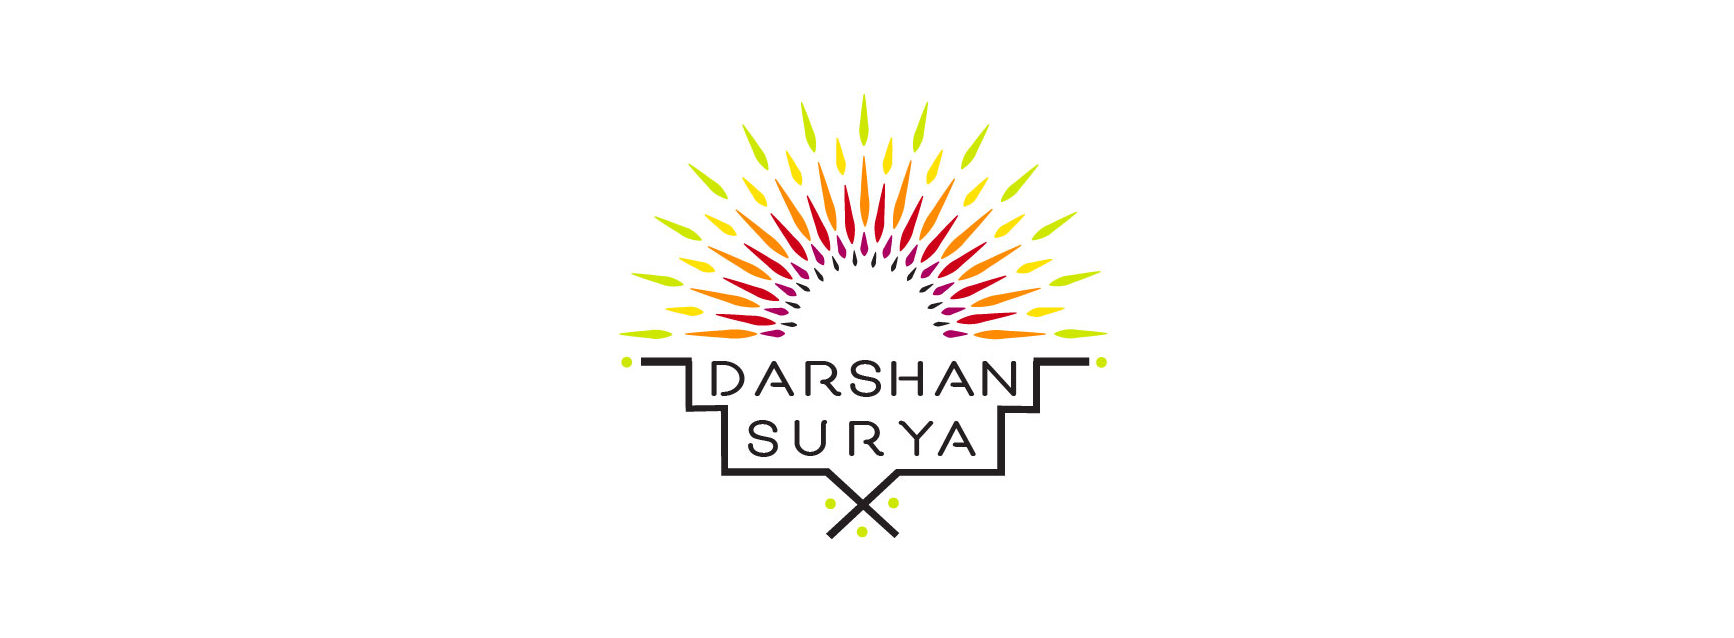 Darshan Surya